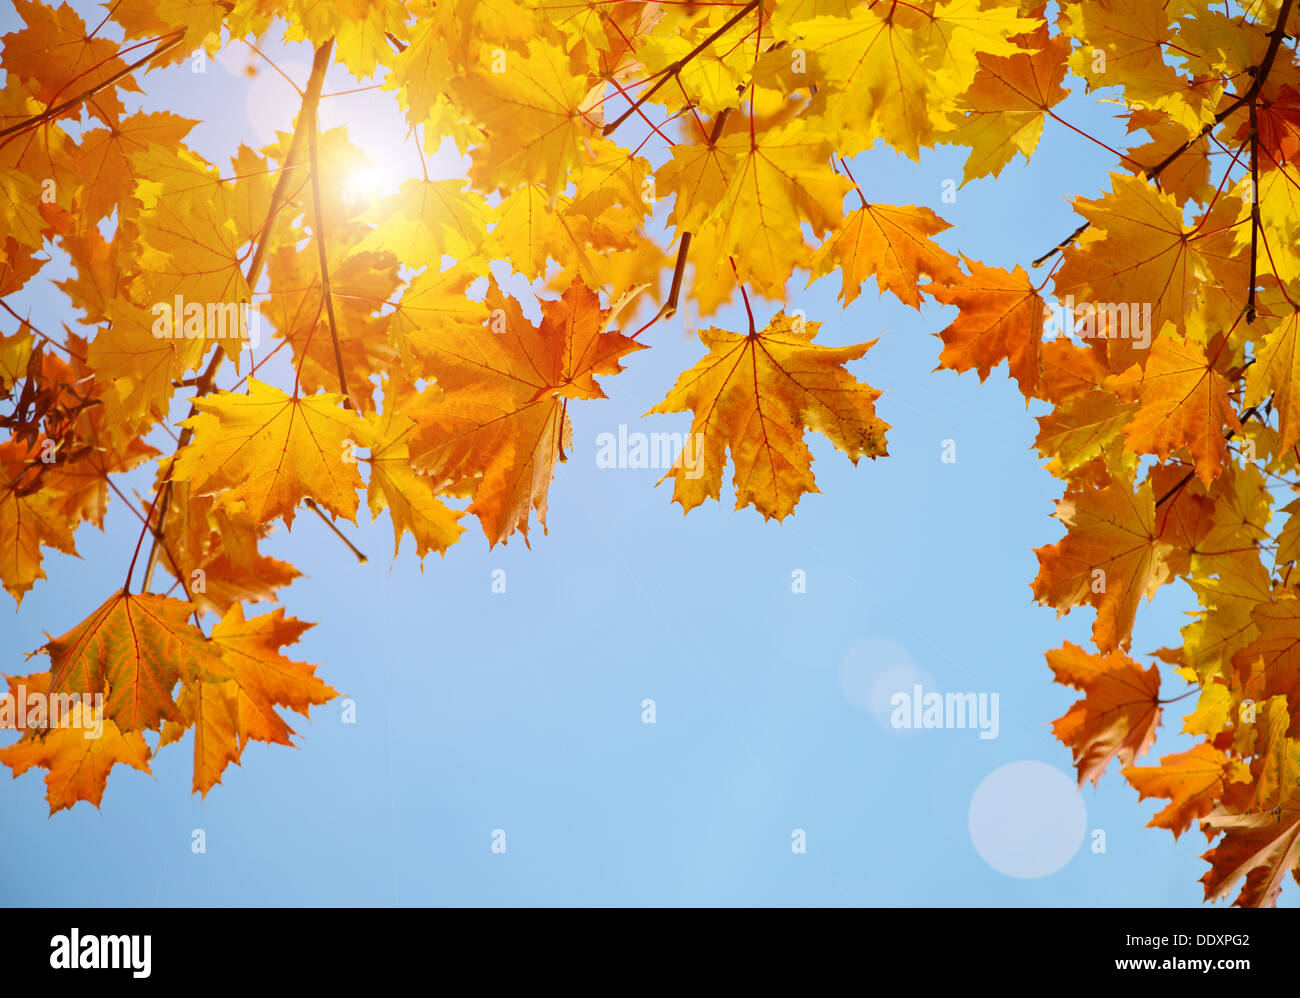 Herbstliche Ahornblätter Niederlassung über blauen Himmel Stockbild